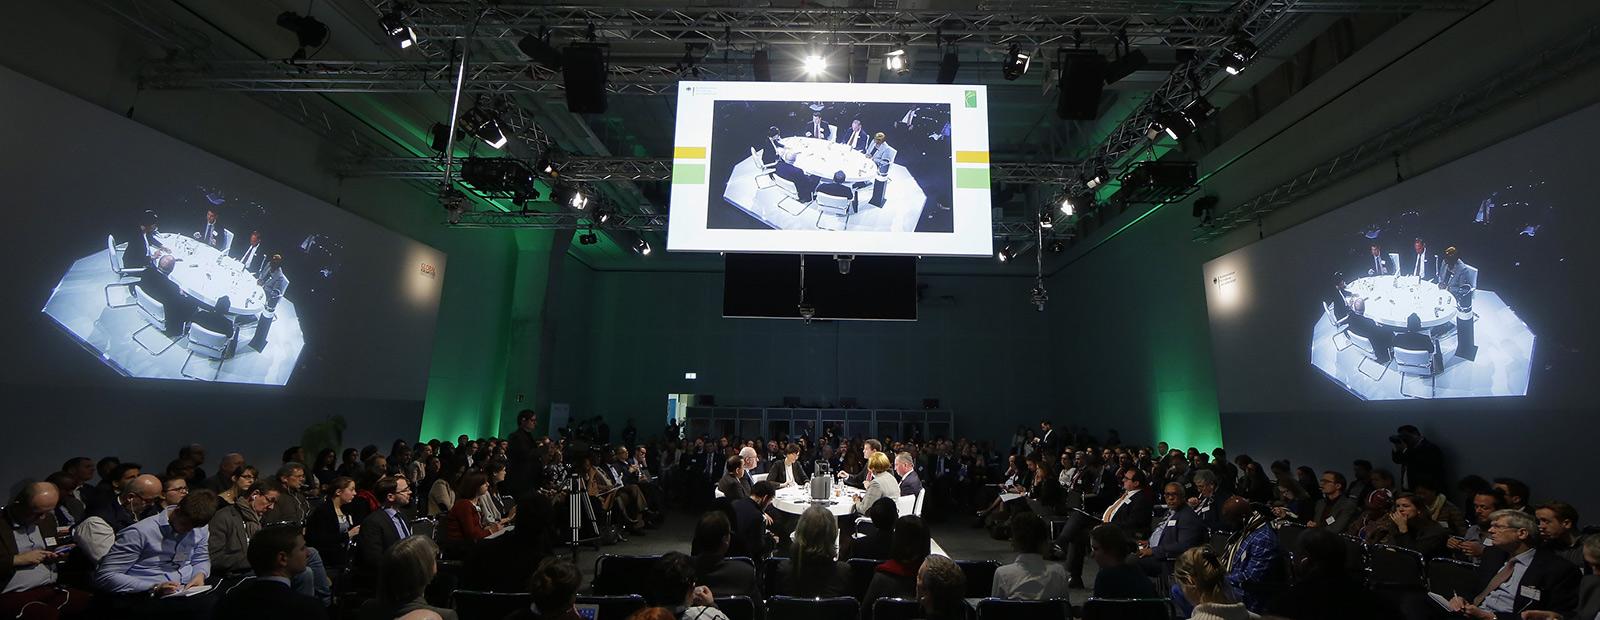 GFFA 2018 | High Level Panels